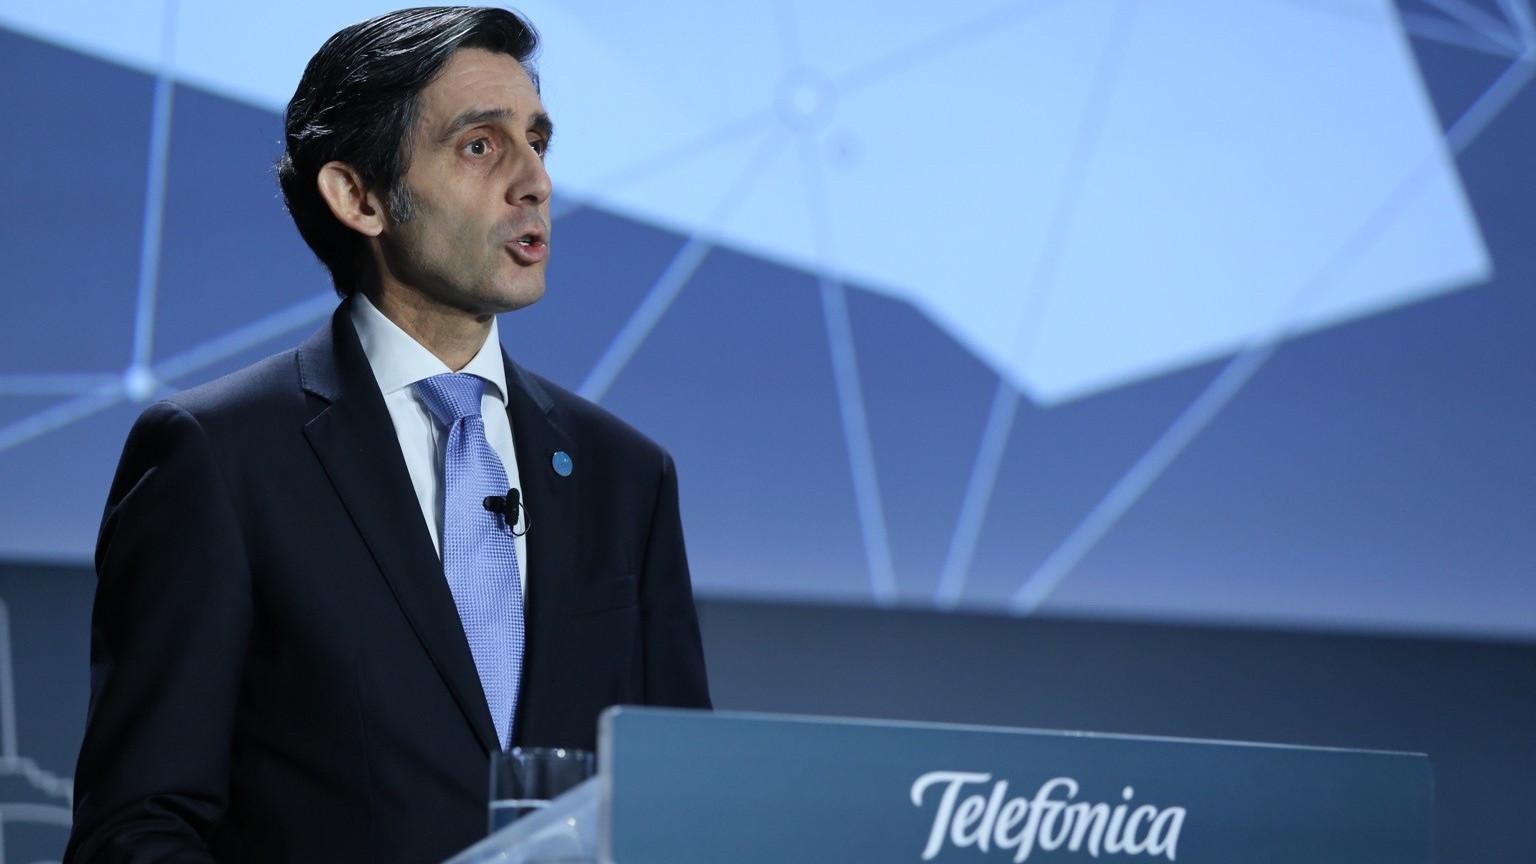 Latinoamérica, la jaqueca de Telefónica que no cesa